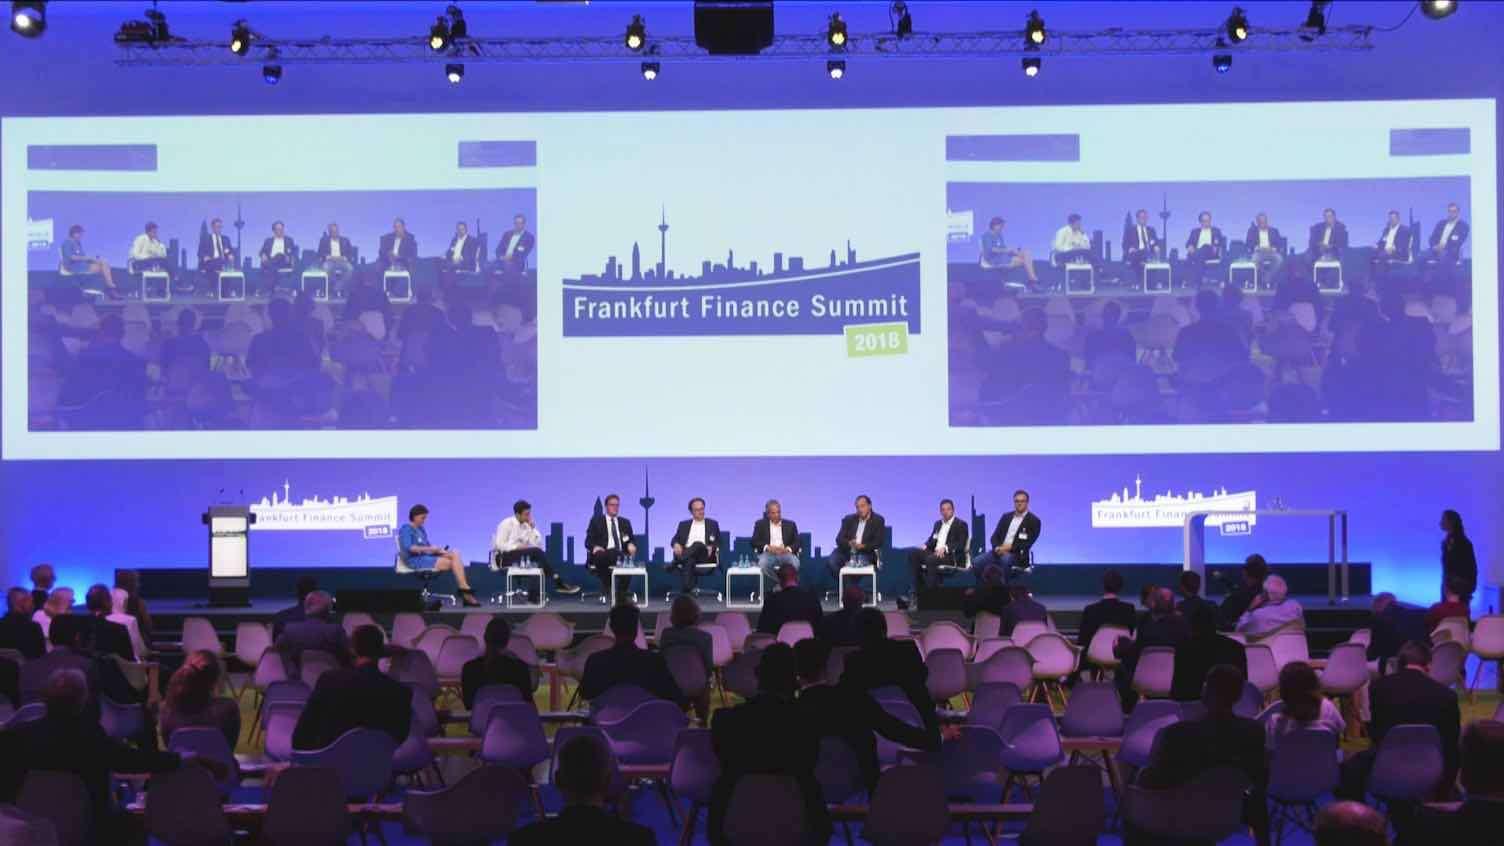 Ein Panel von einer Gruppe von acht Menschen auf dem Frankfurt Finance Summit 2018